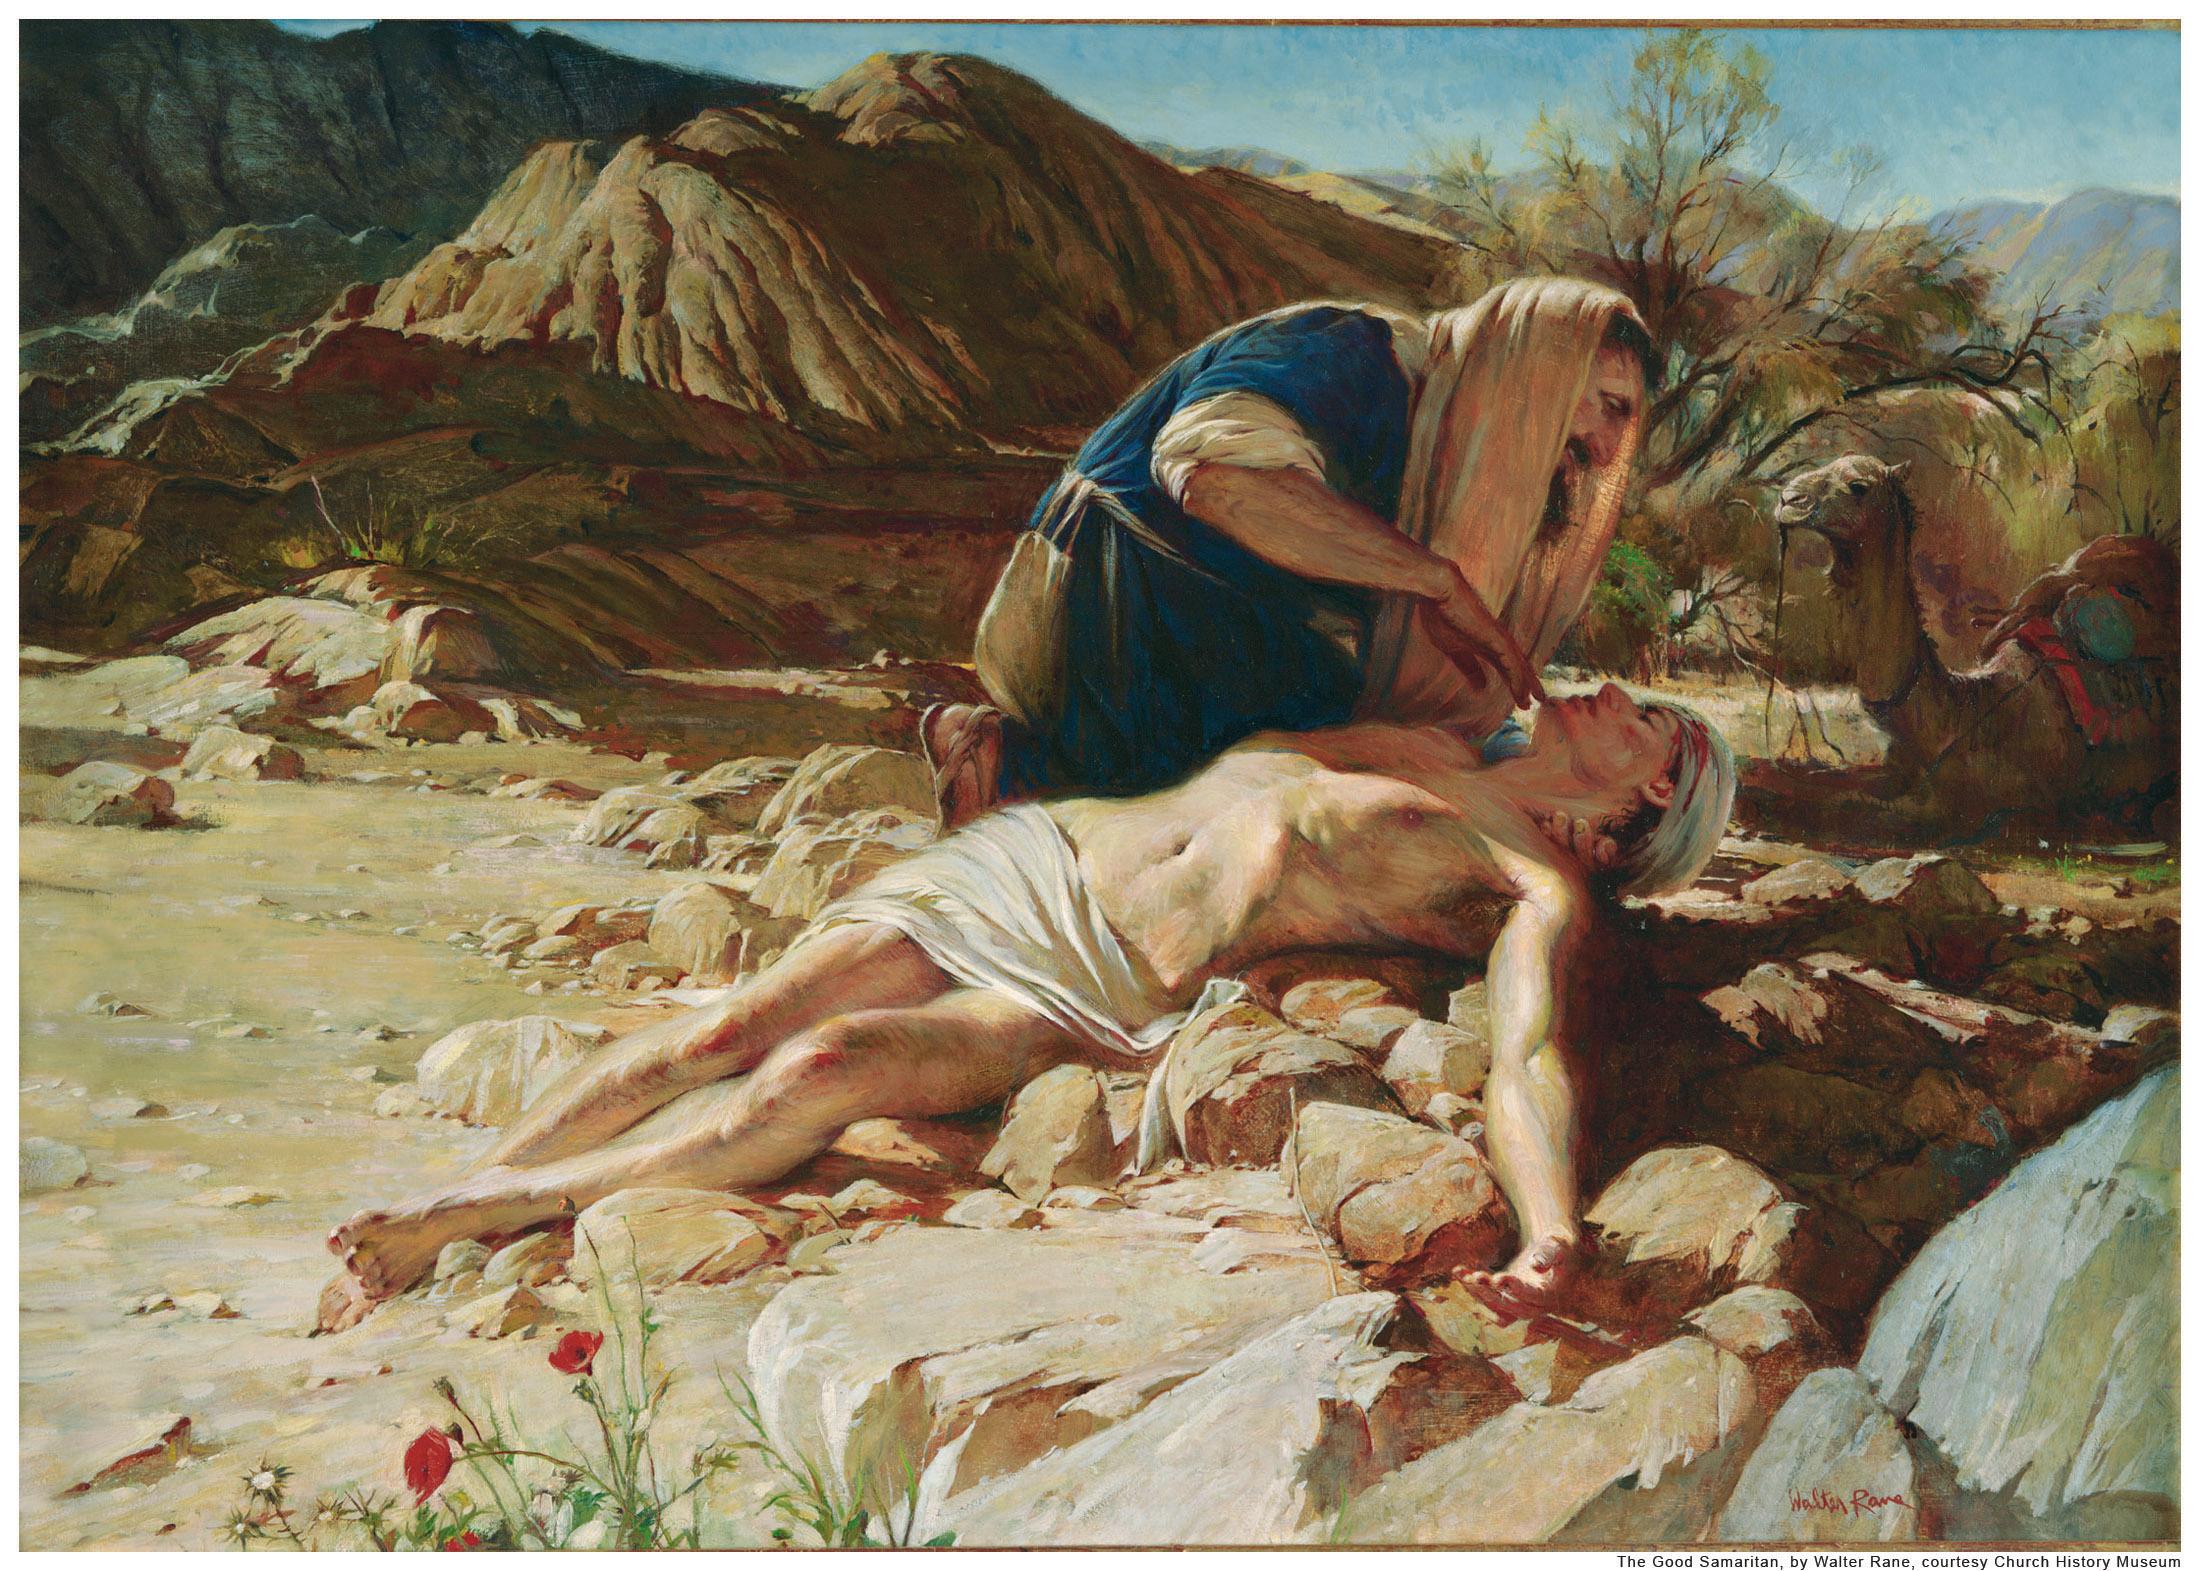 gospel of luke and good samaritan